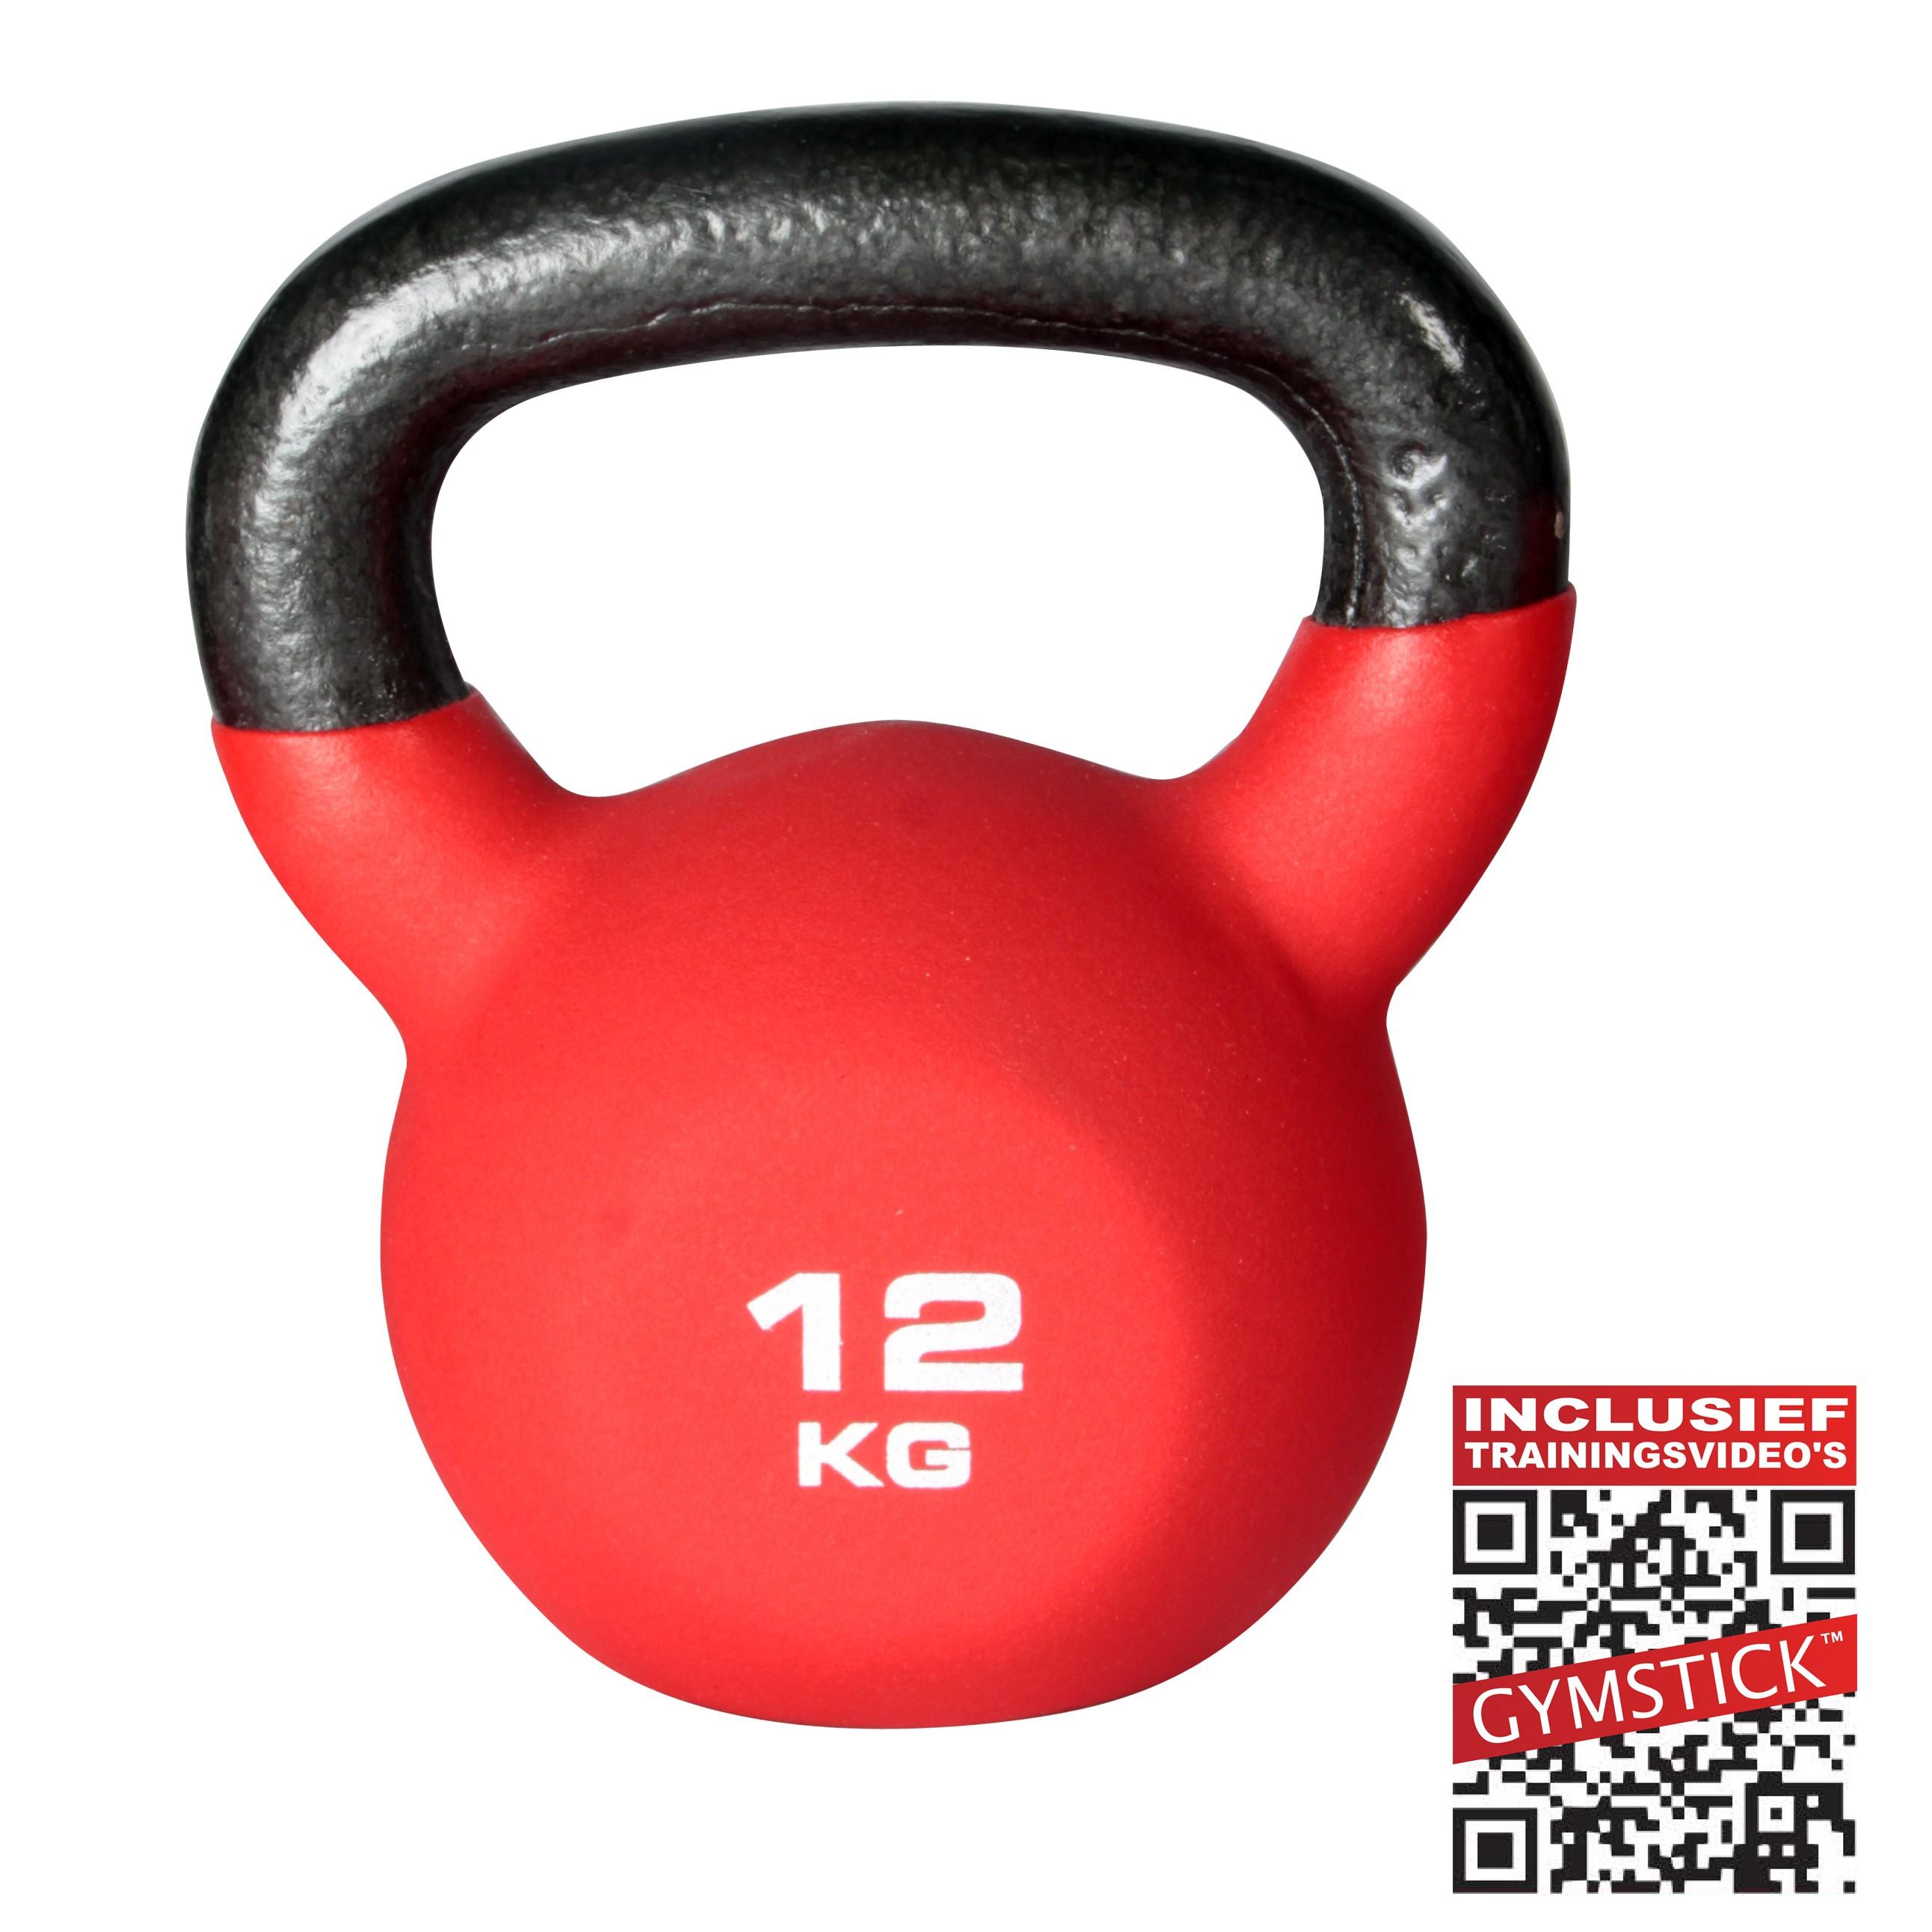 Gymstick Kettlebell Pro 12 Kg Neopreen Met Trainingsvideo's